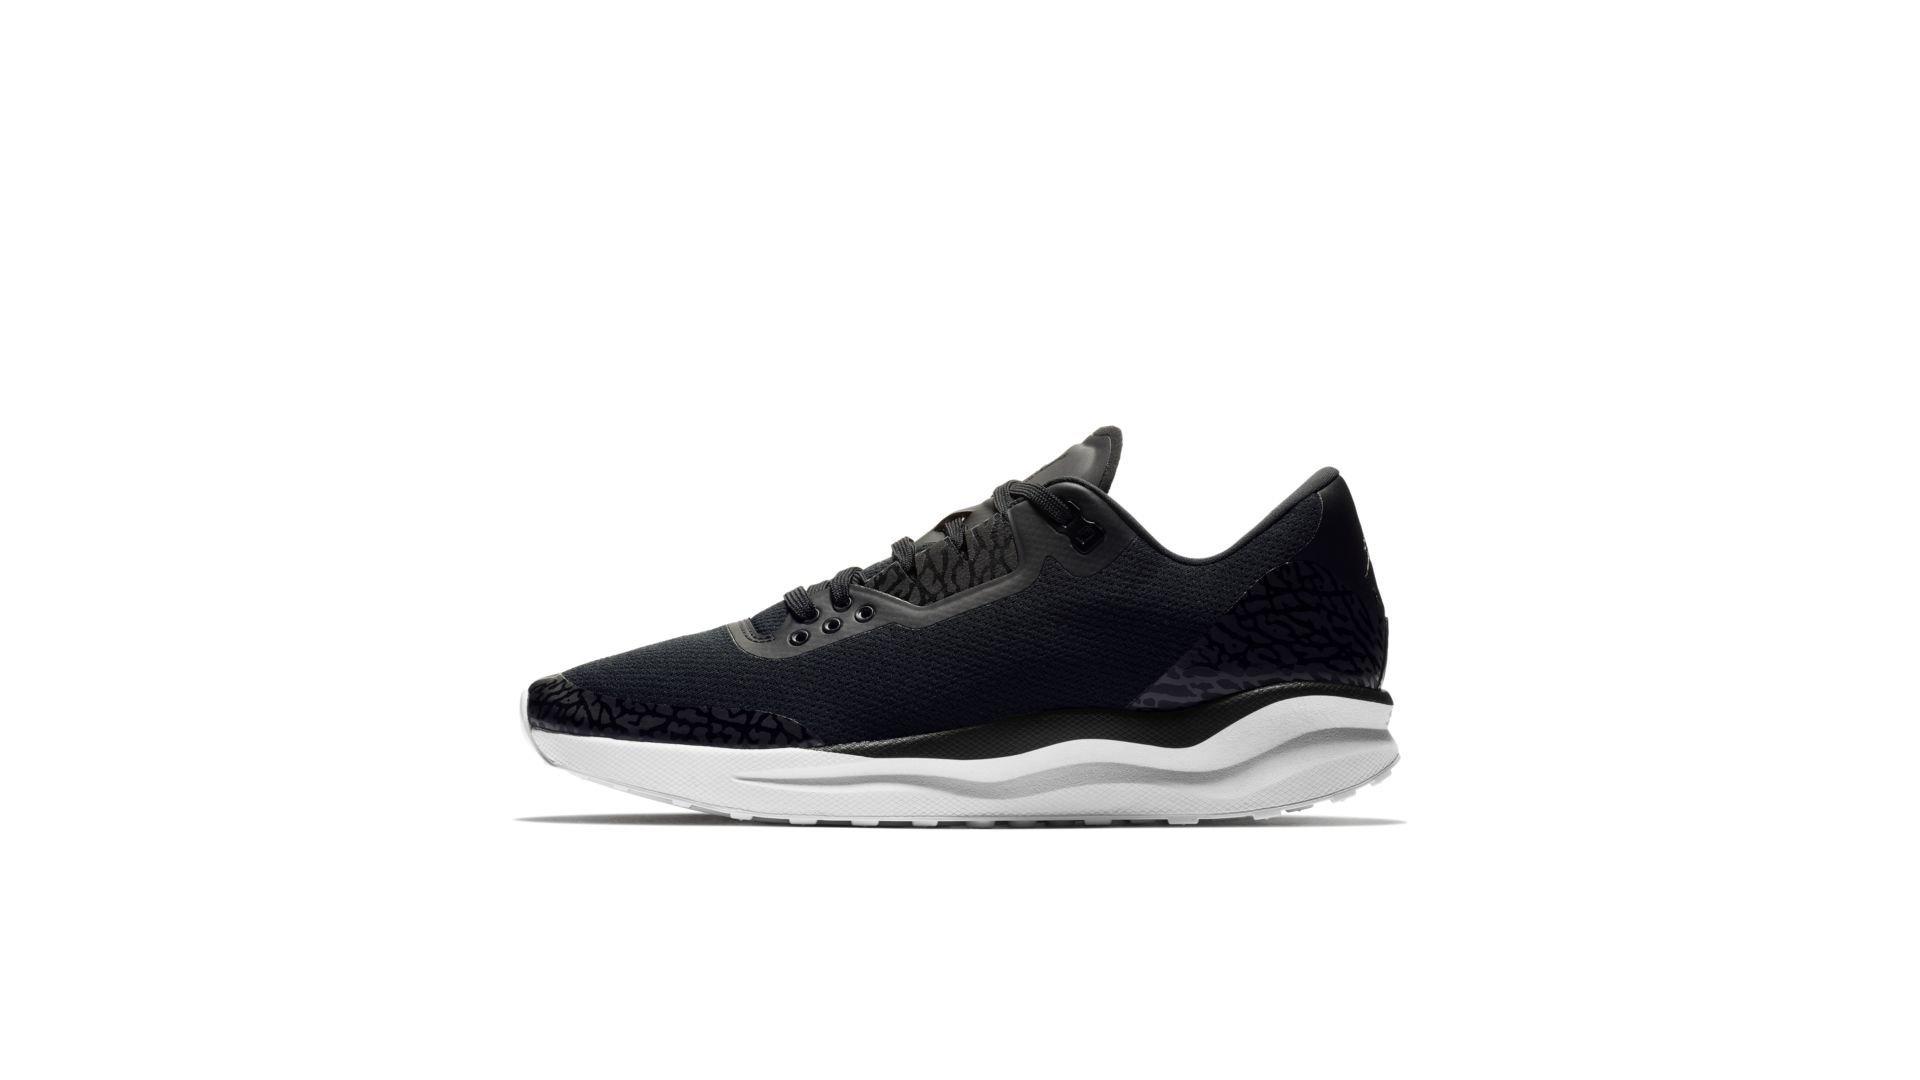 Jordan Zoom Tenacity 88 Black White (AV5878-001)